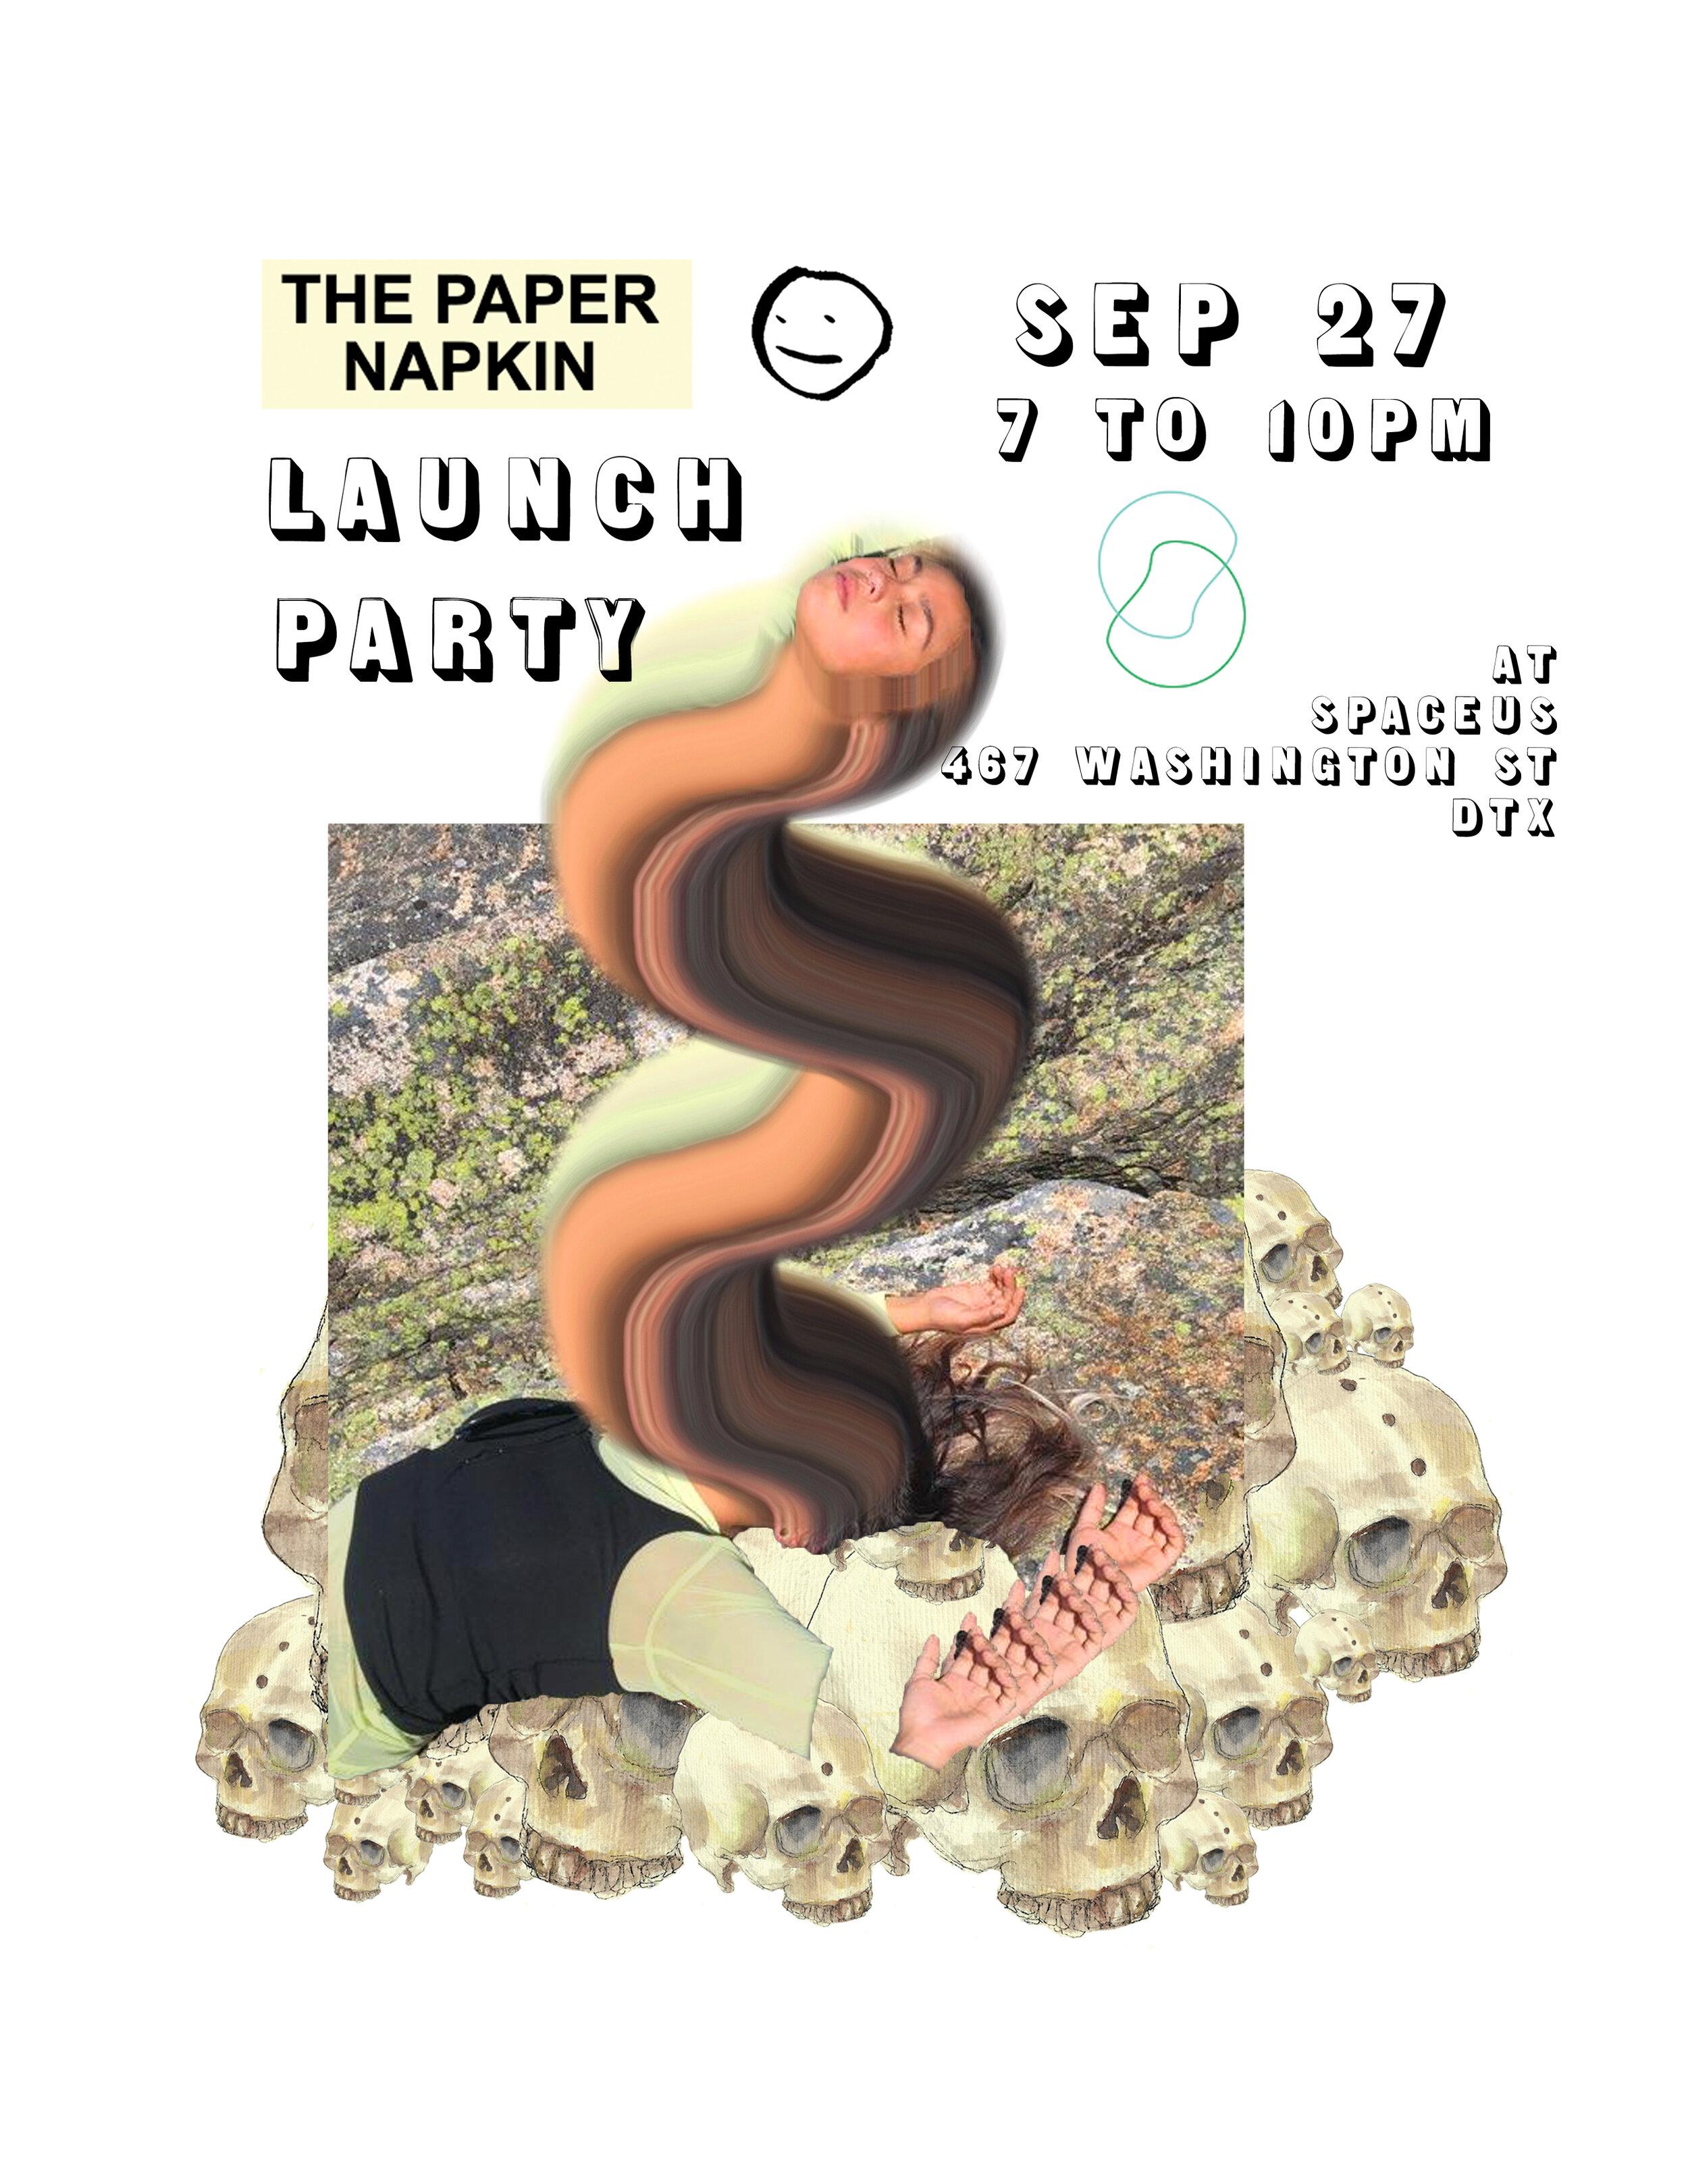 paper napkin flyer.jpg